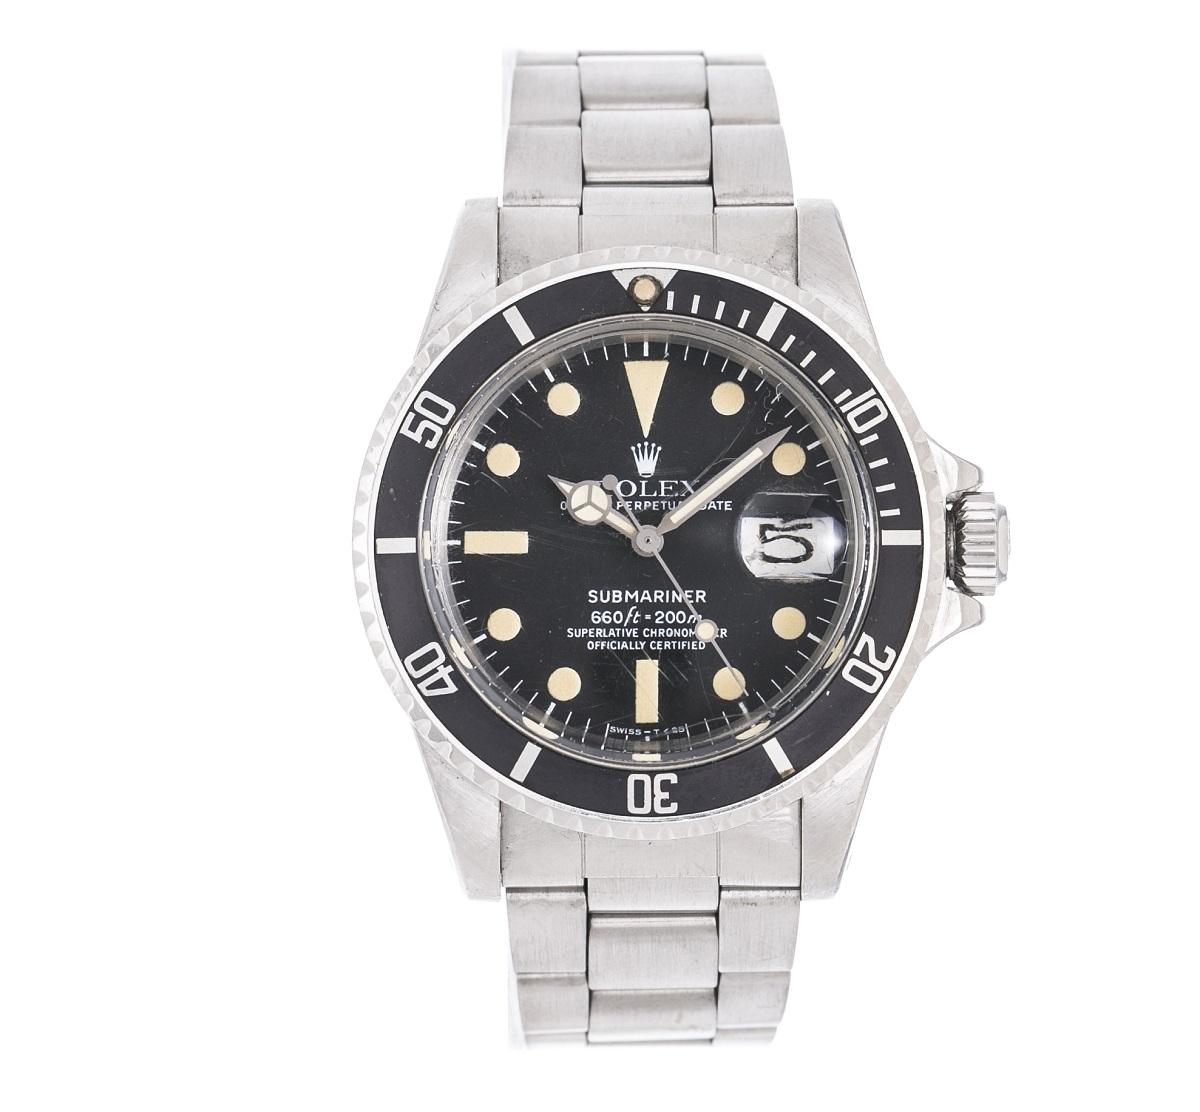 ROLEX 1680 サブマリーナデイト ステンレス 自動巻き アンティーク メンズ 腕時計 送料無料 【トレジャースポット】【中古】